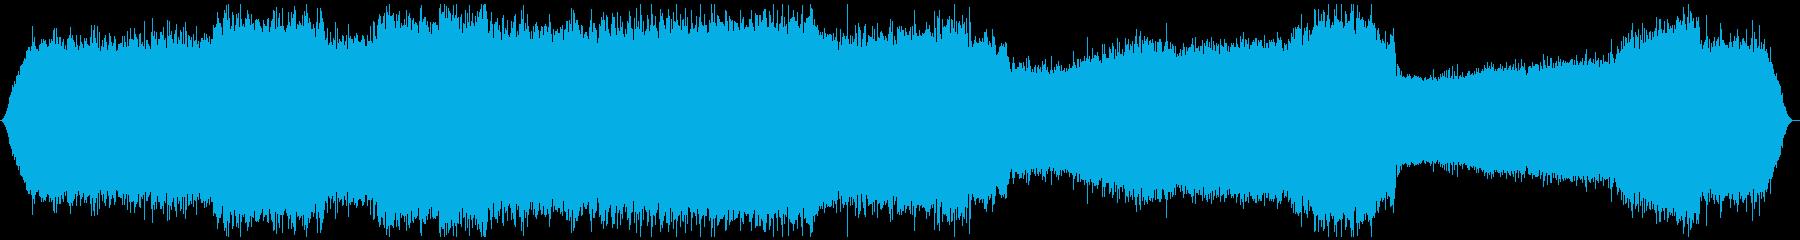 ミーンミーン 北海道の蝉 音景色 その5の再生済みの波形